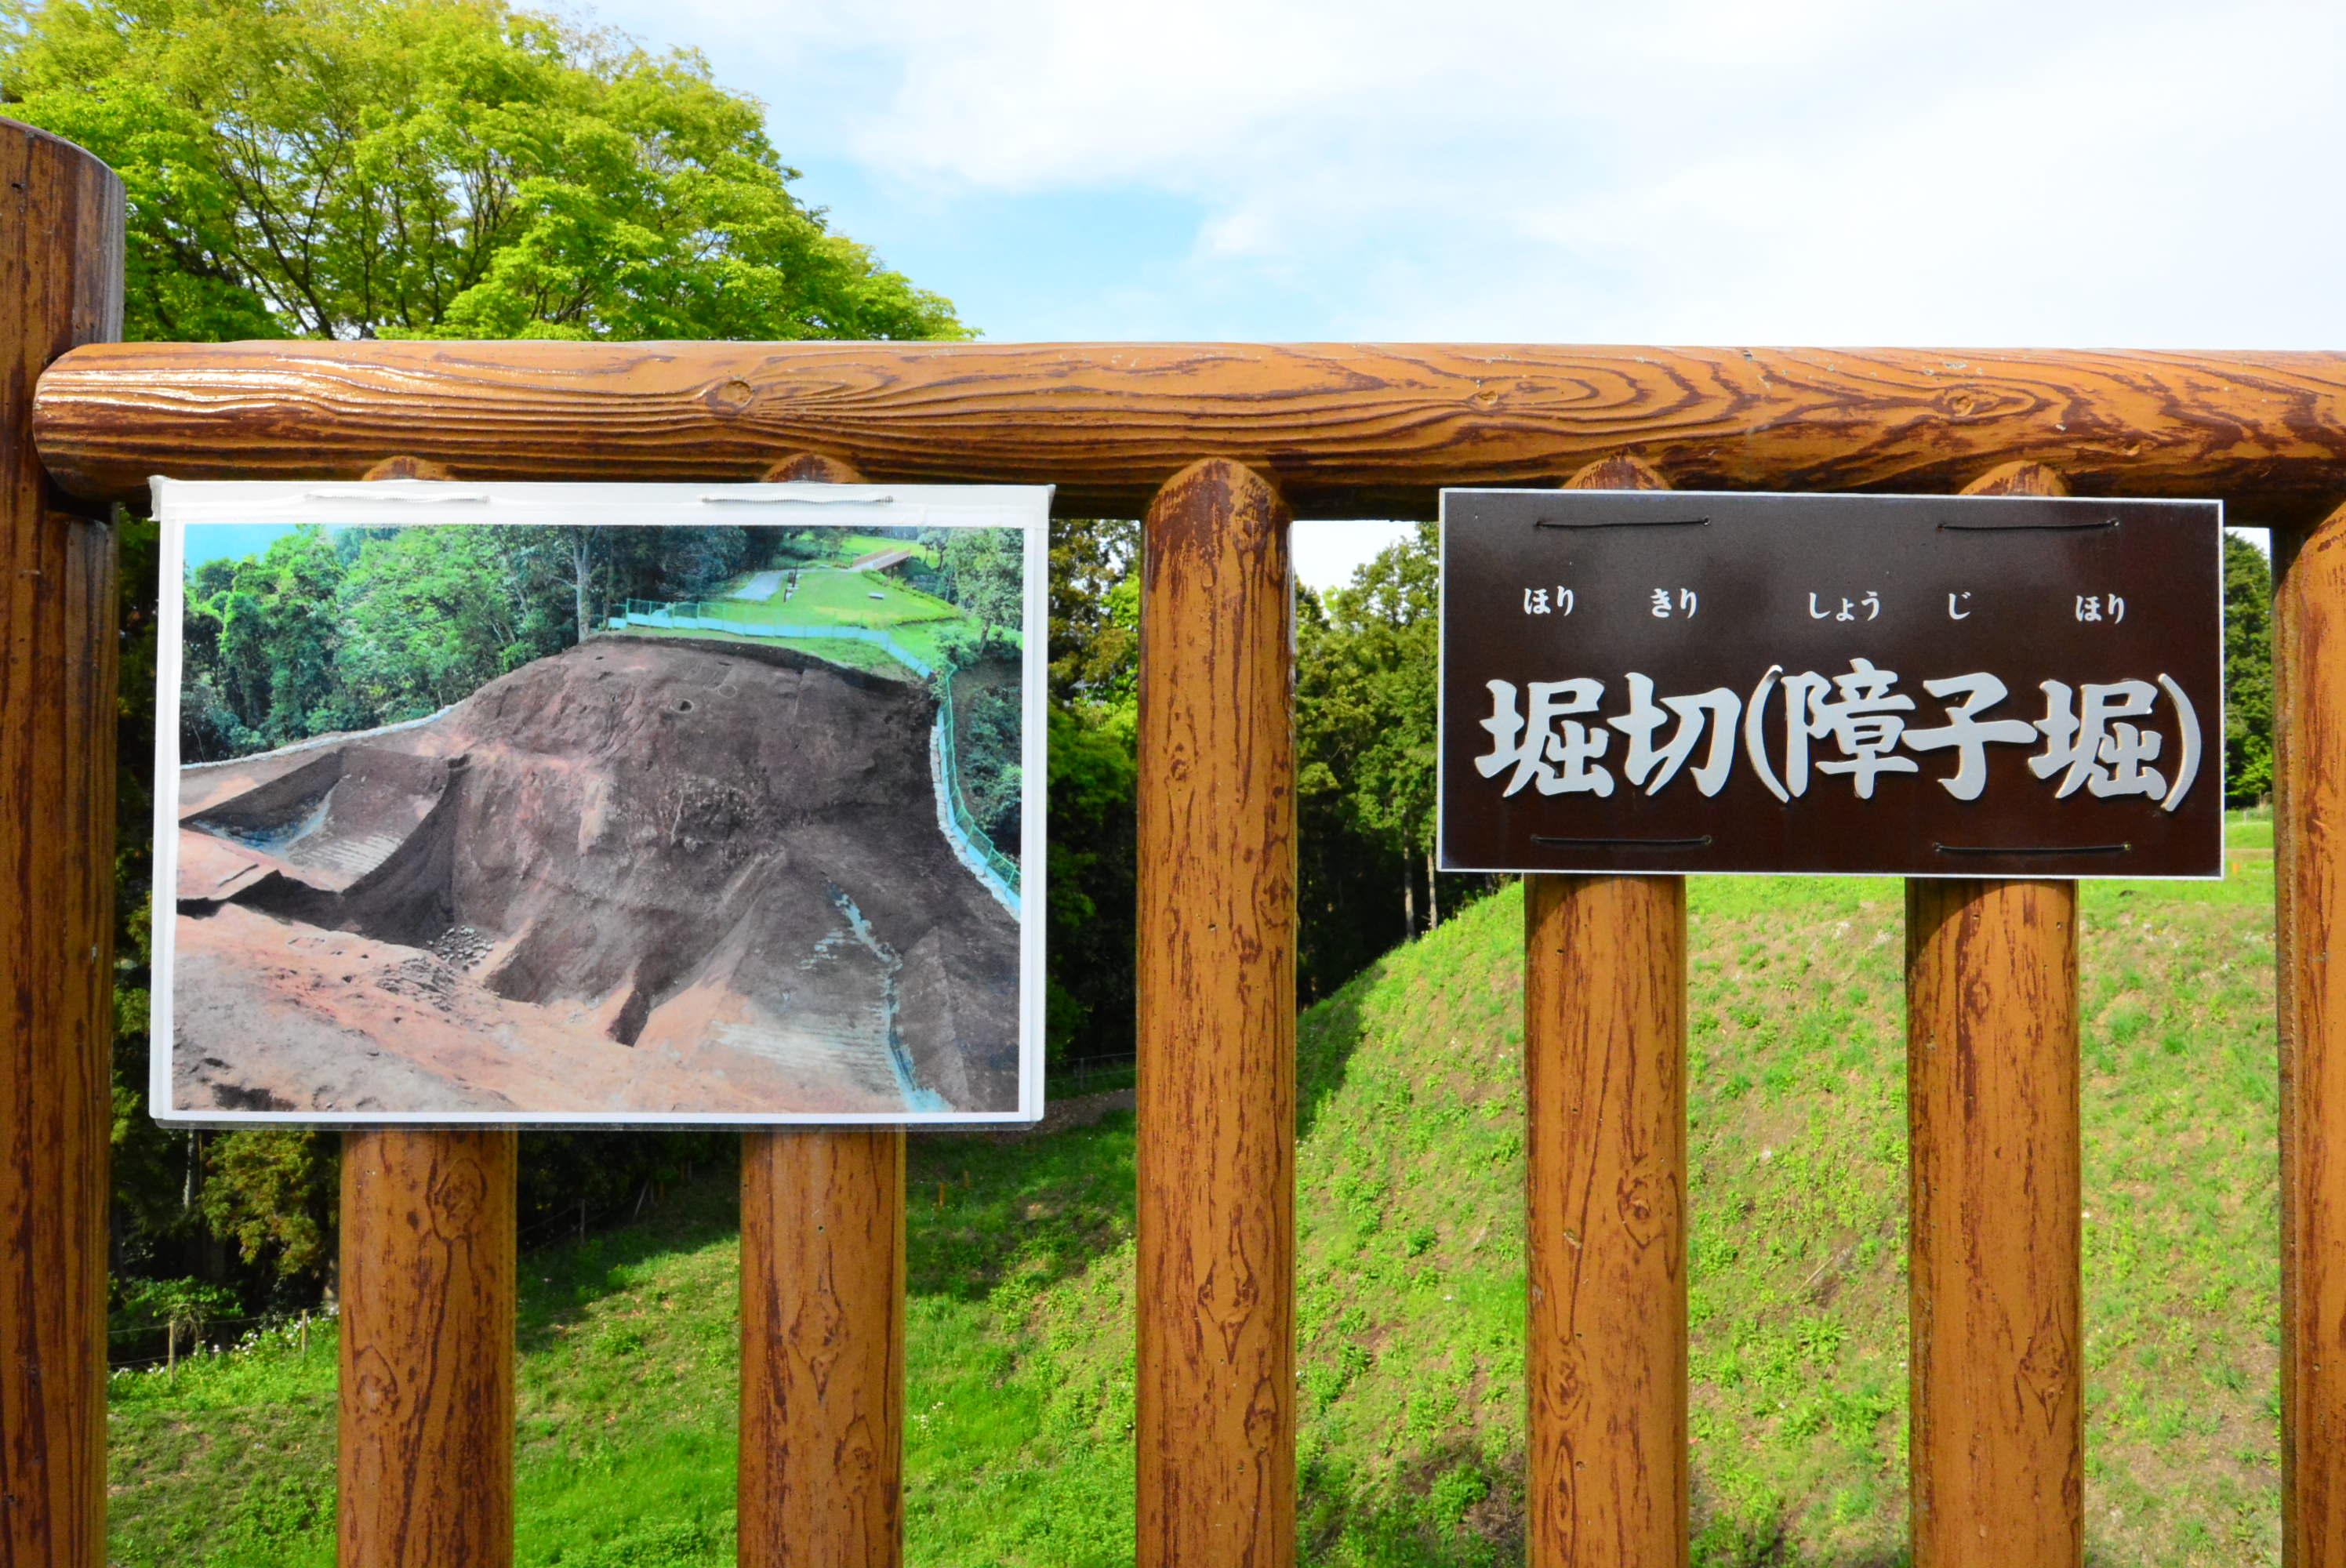 <取材レポ>山北町・河村城址歴史公園の展望スポットへ 山城ブームで人気【ドローン動画付】